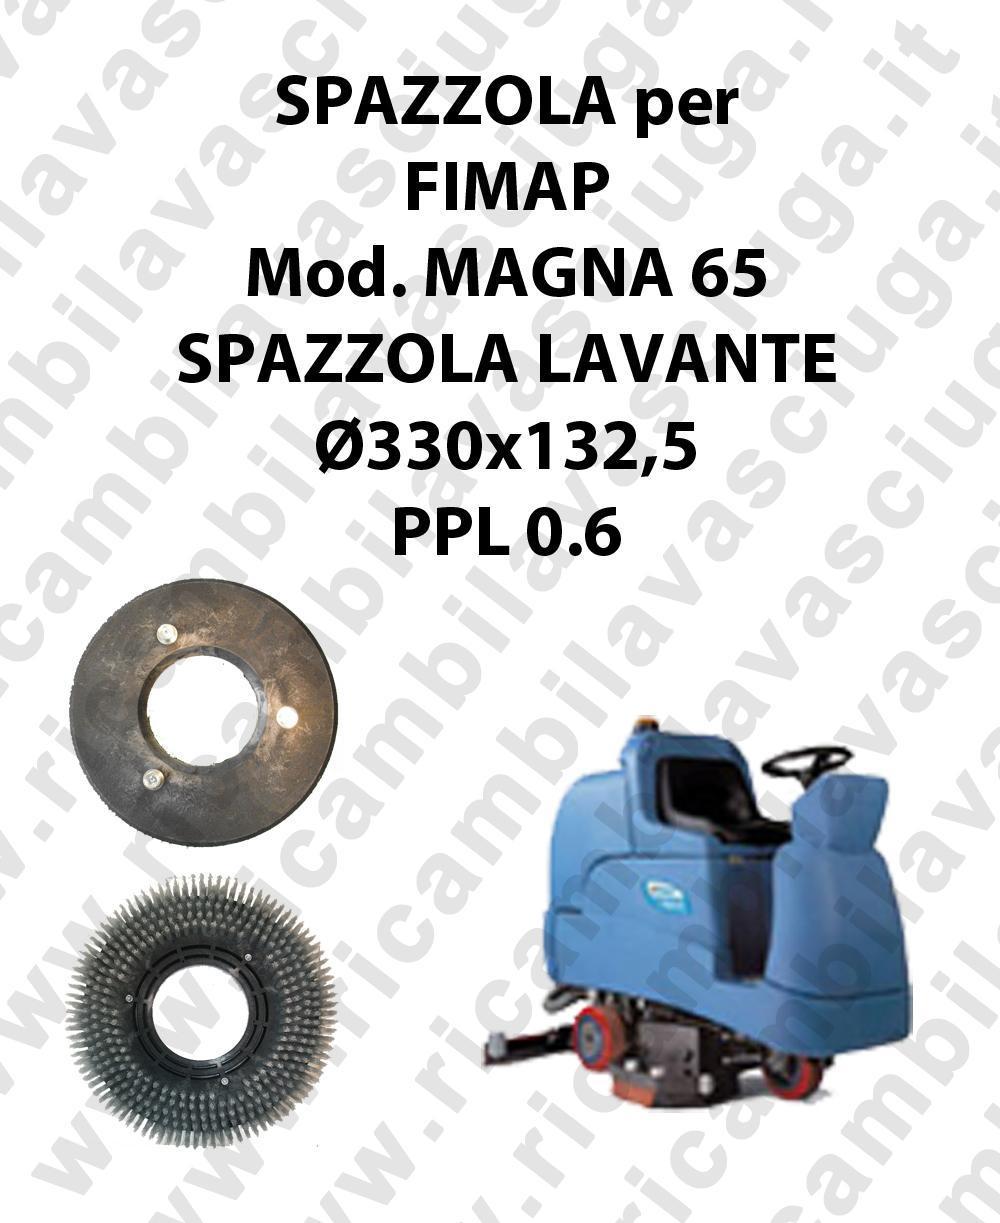 CEPILLO DE LAVADO  para fregadora FIMAP modelo MAGNA 65 ø 330 x 132.5 PPL 0.6